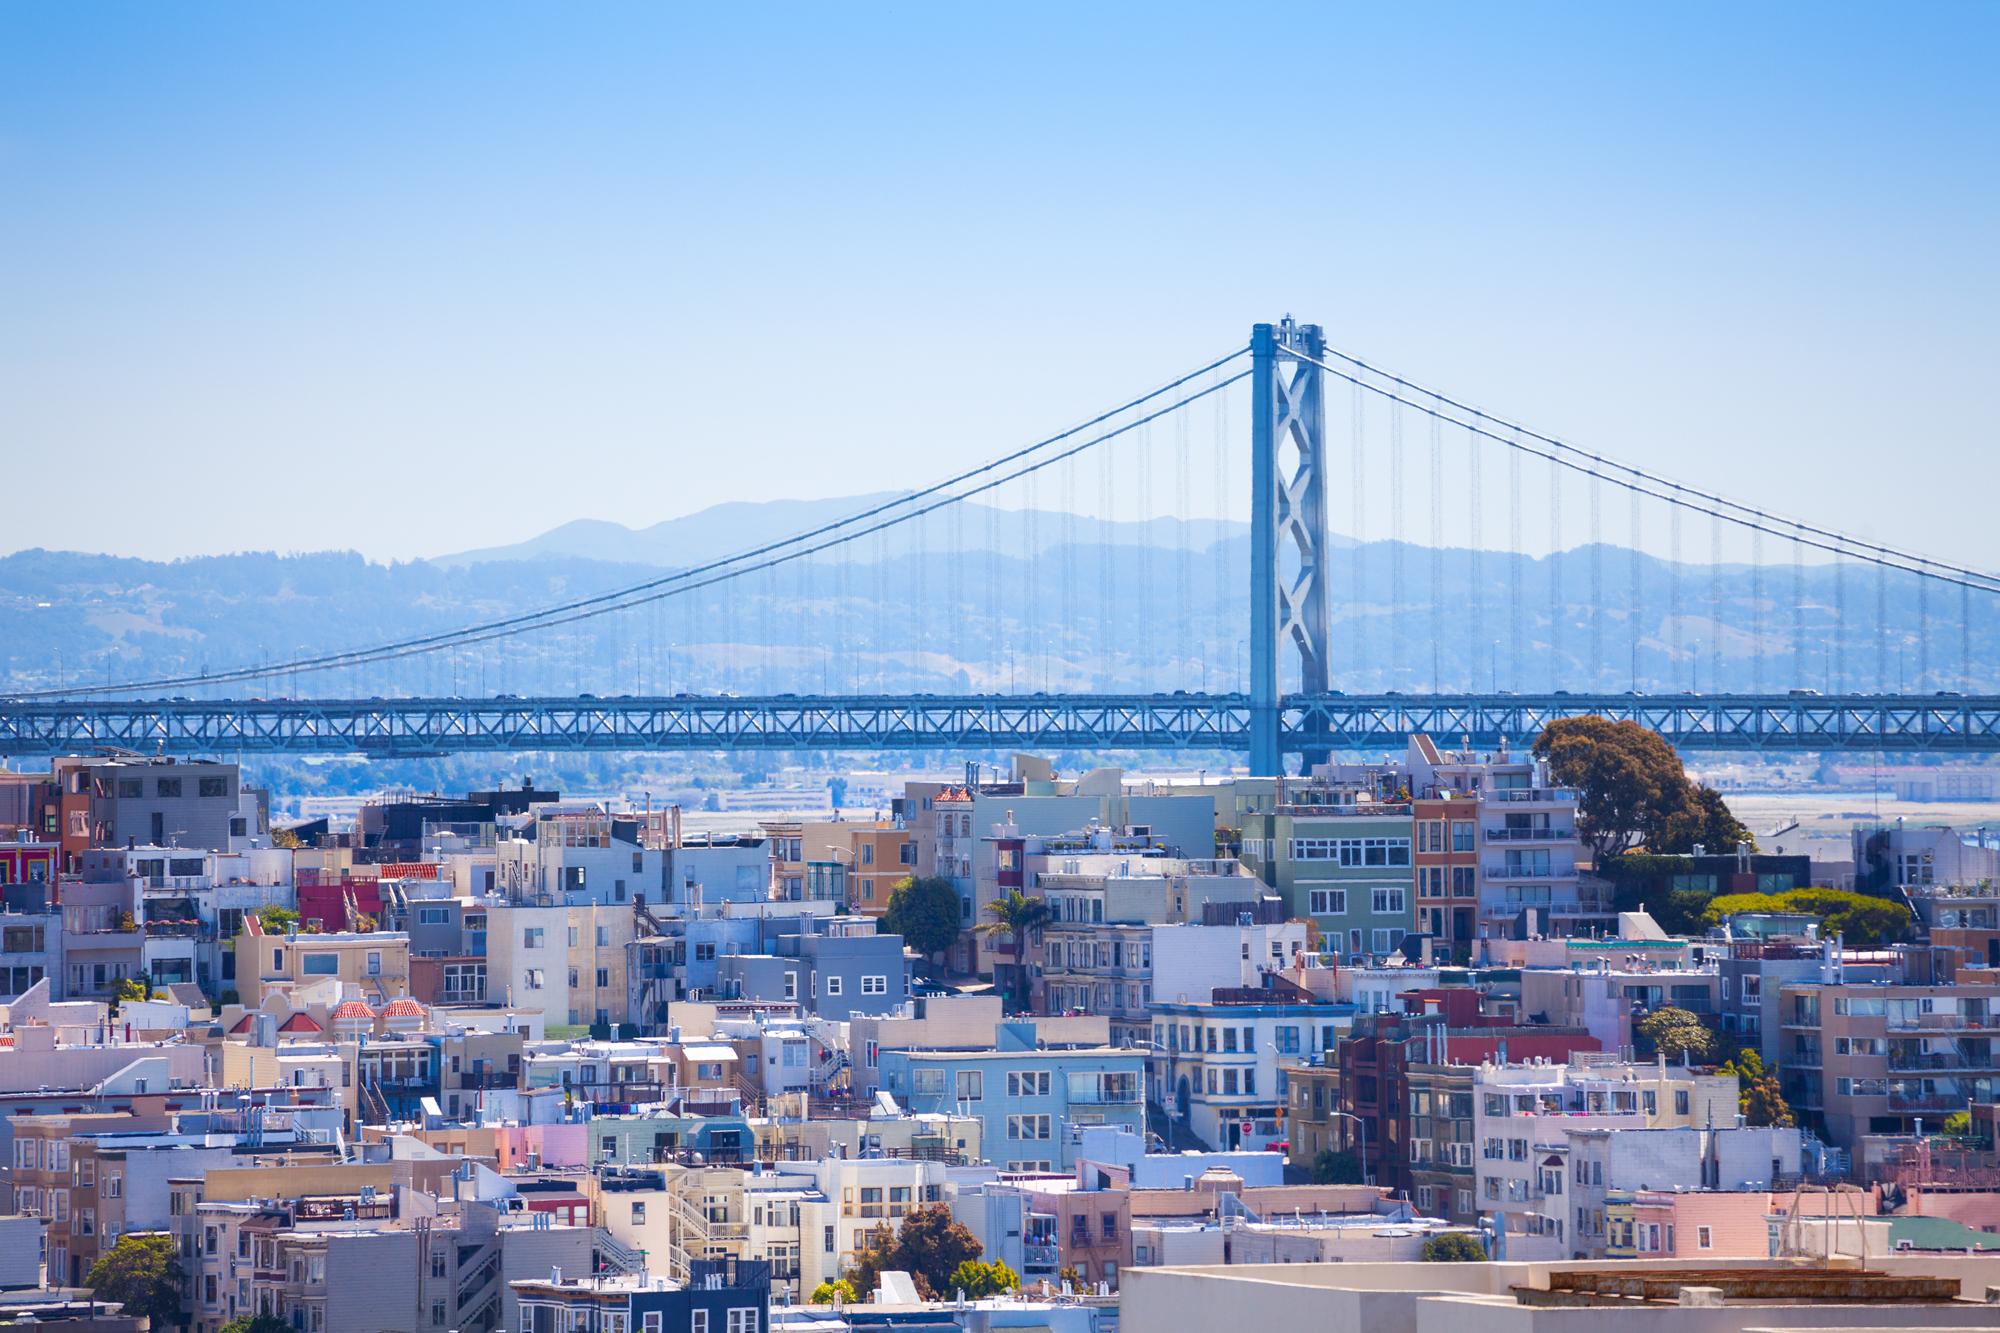 為何加州的住房噩夢快達臨界點?